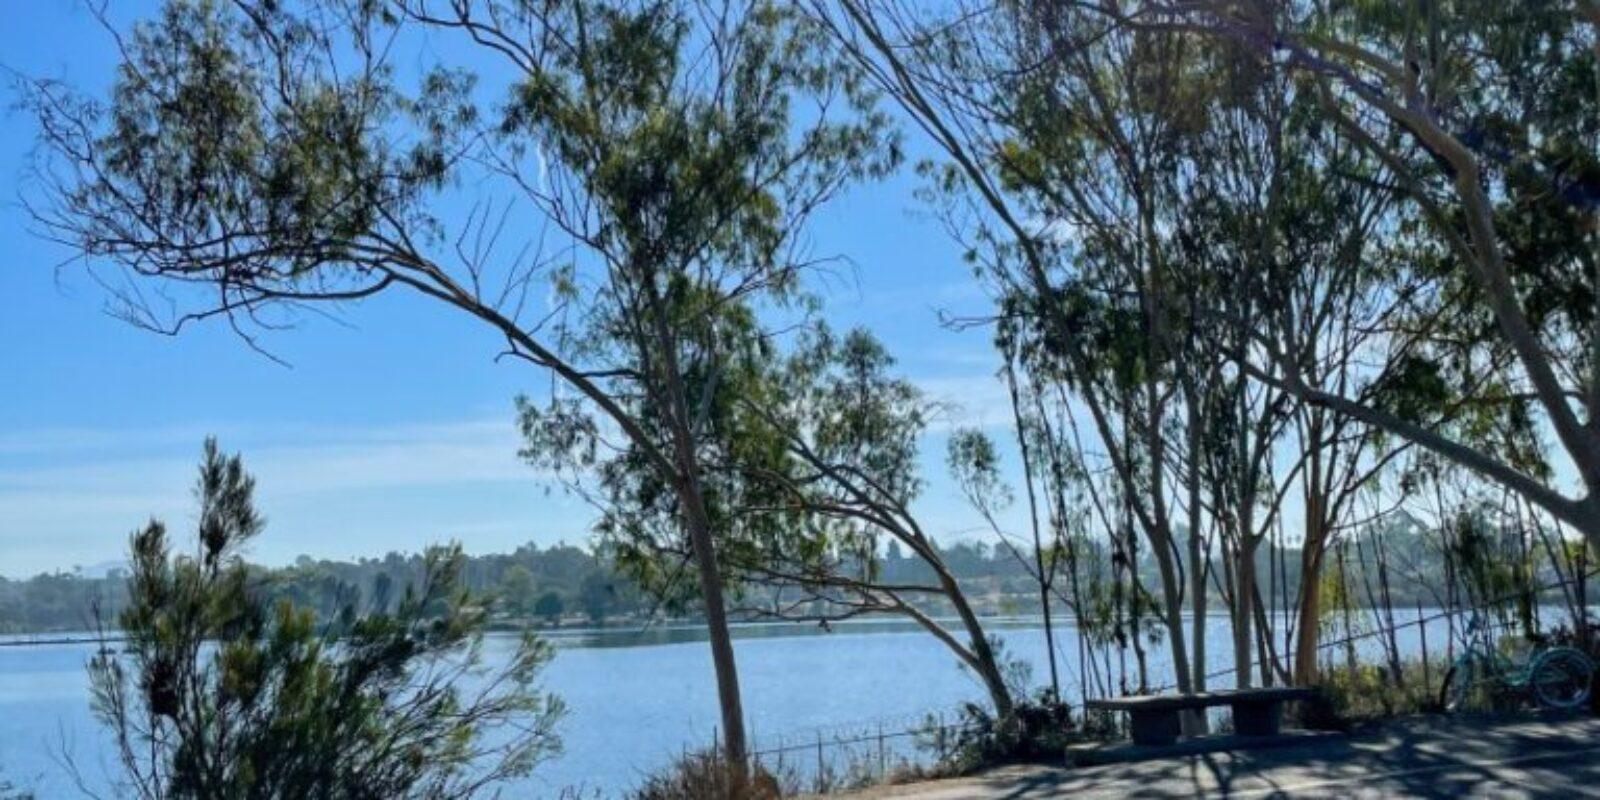 runnylegs-jenny-nyc-training-lake-murray